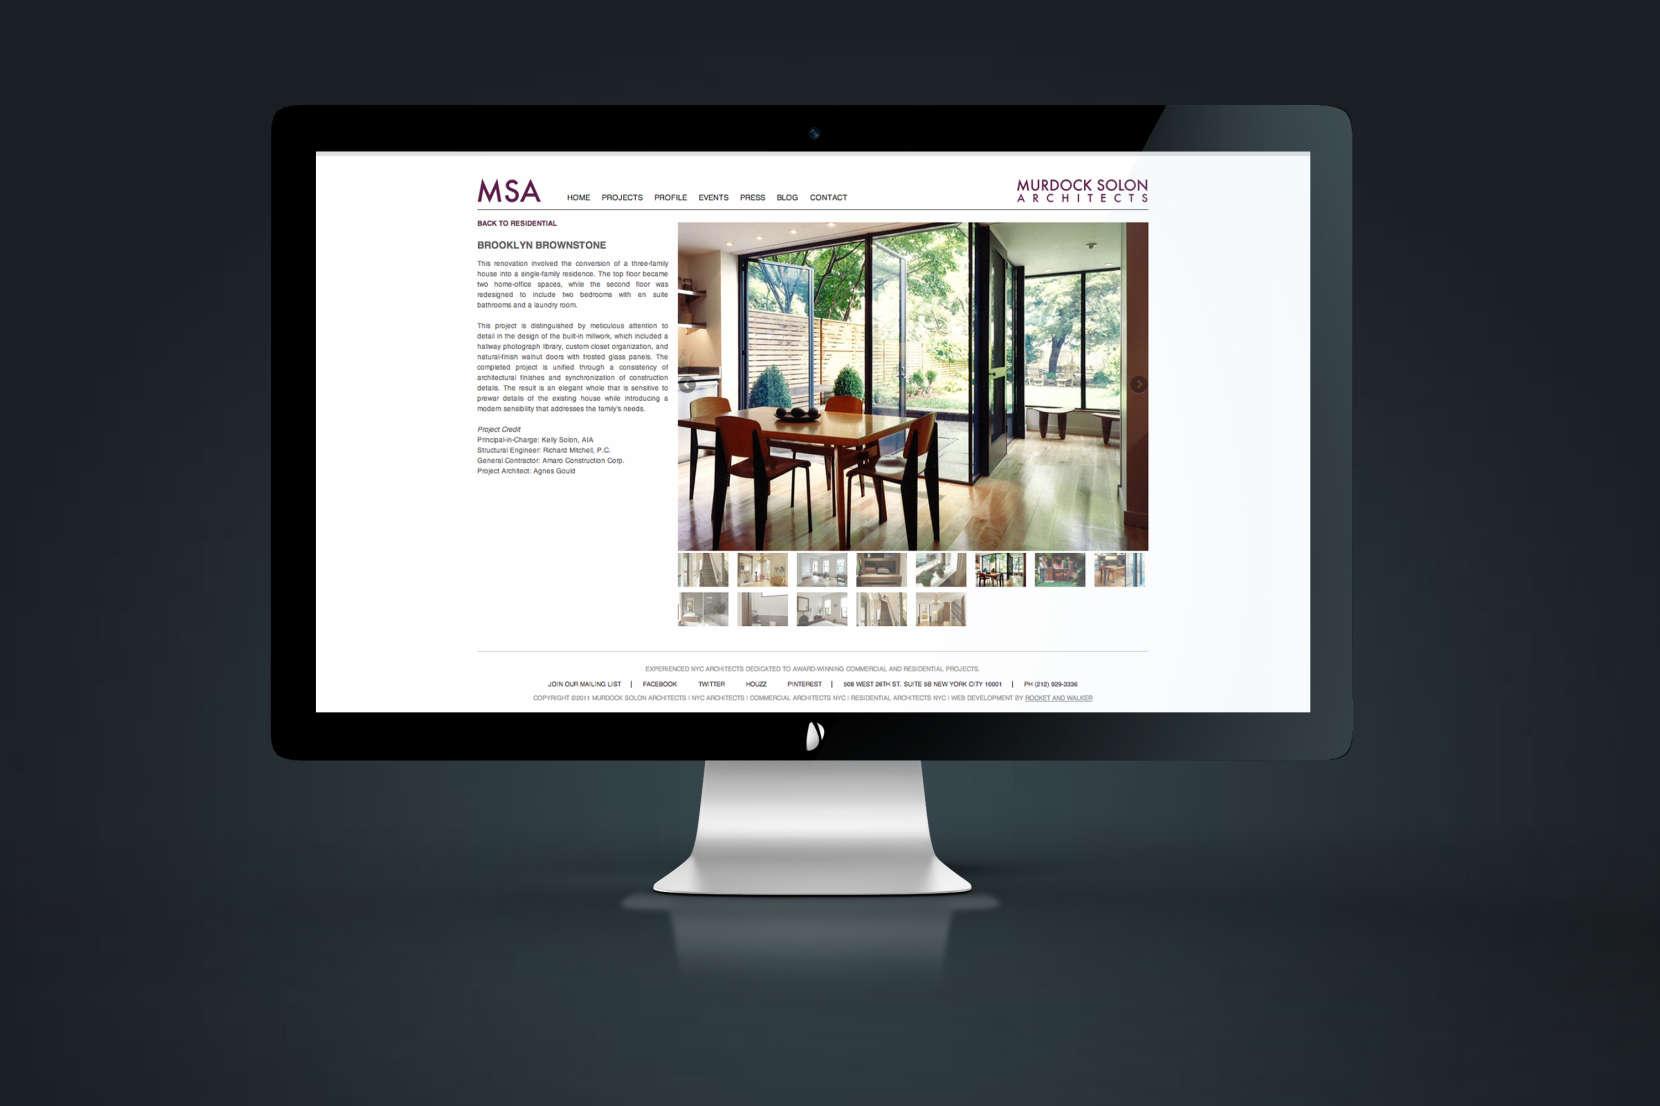 msa-responsive-7-1660x1106.jpg